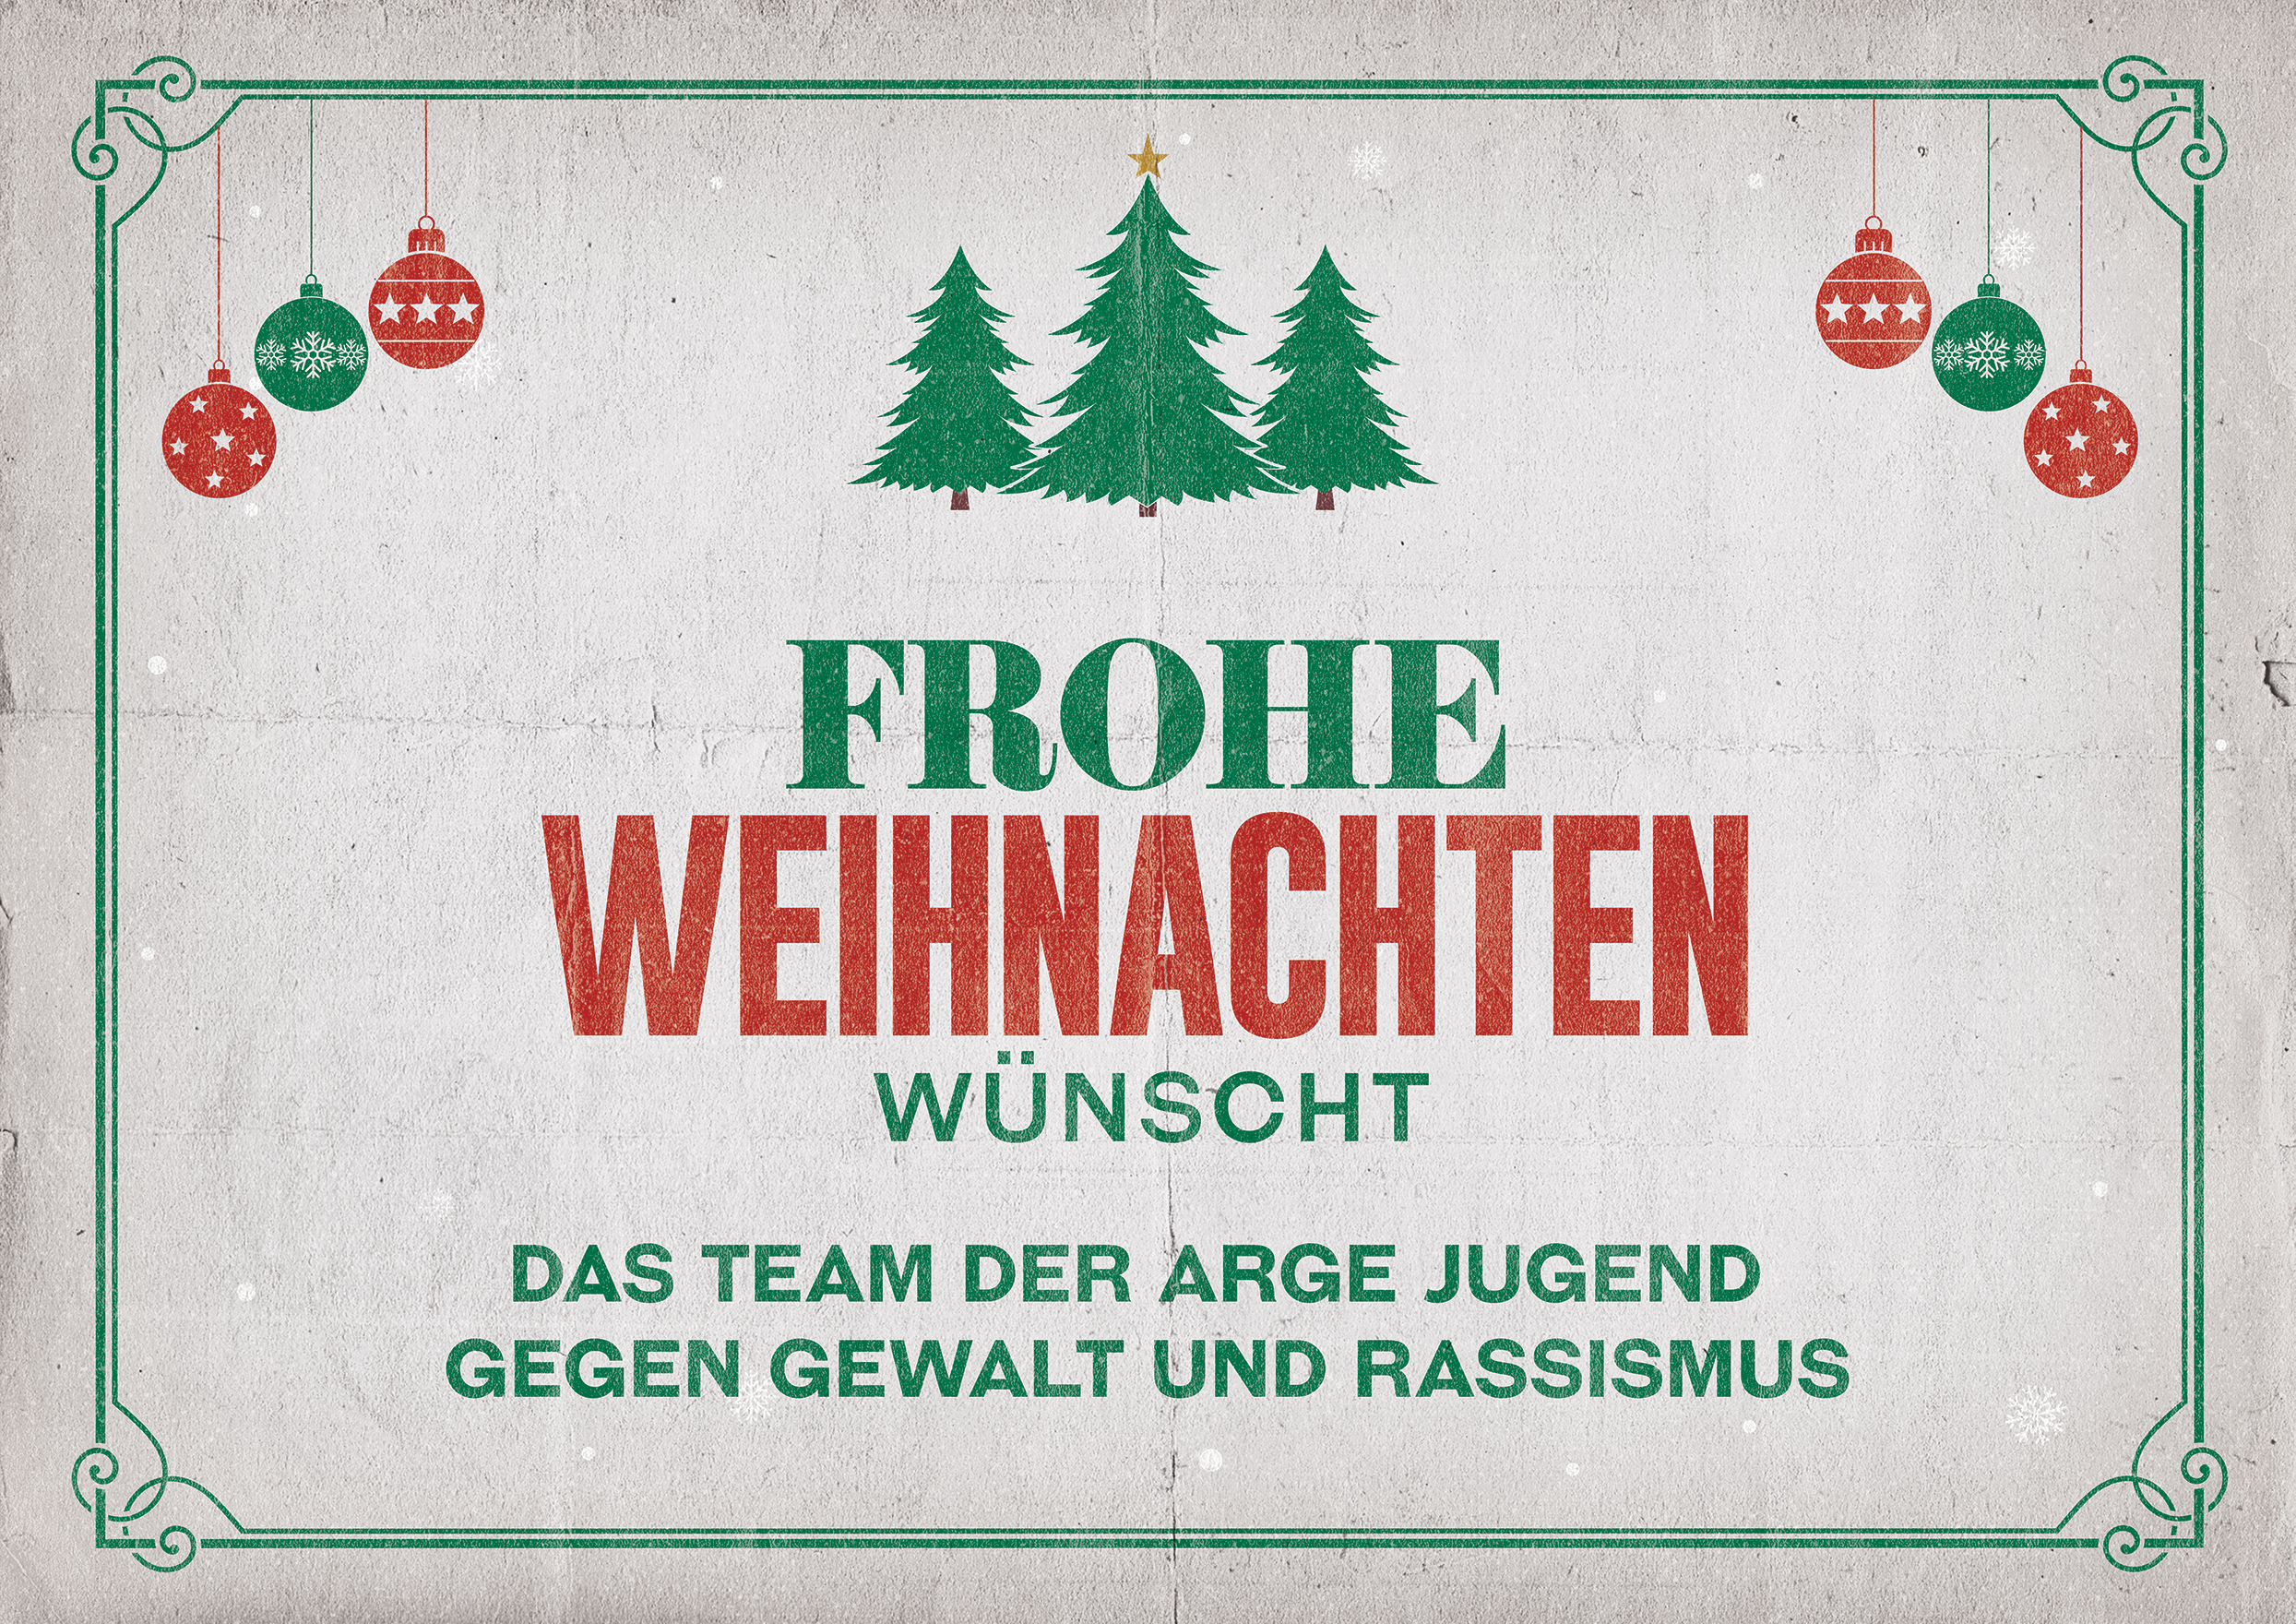 Weihnachtsgrüße Team.Index Of Wp Content Uploads 2018 12